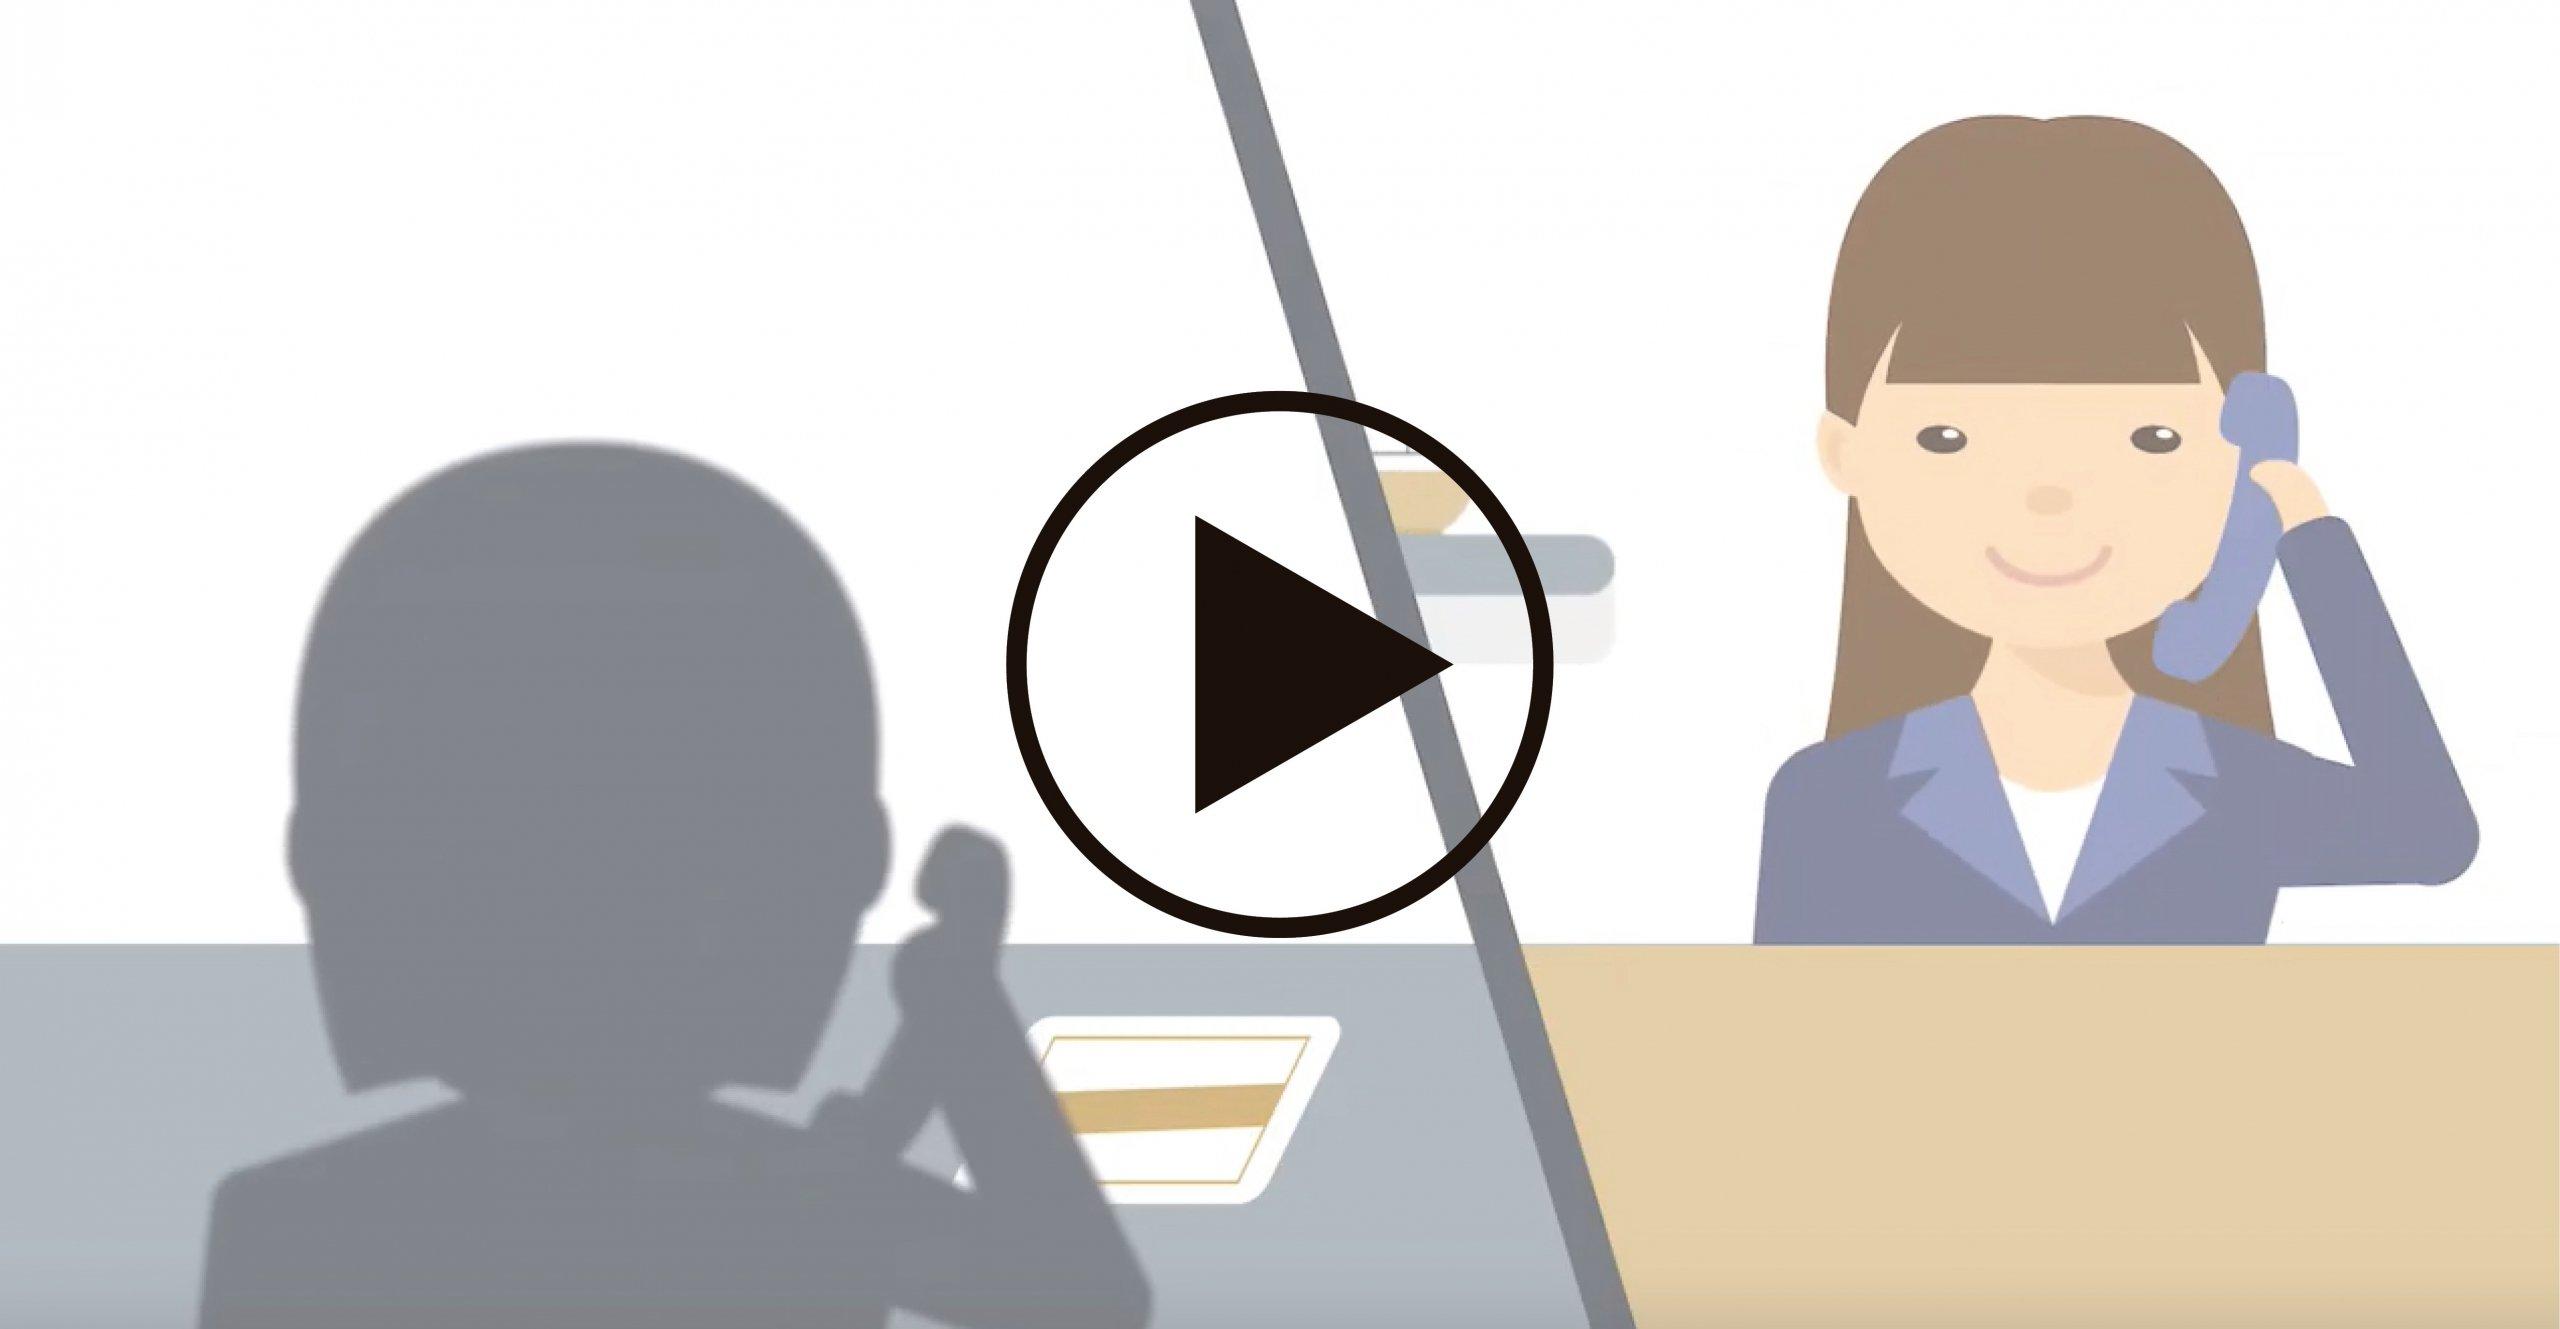 Vidéo explicative sur l'utilisation